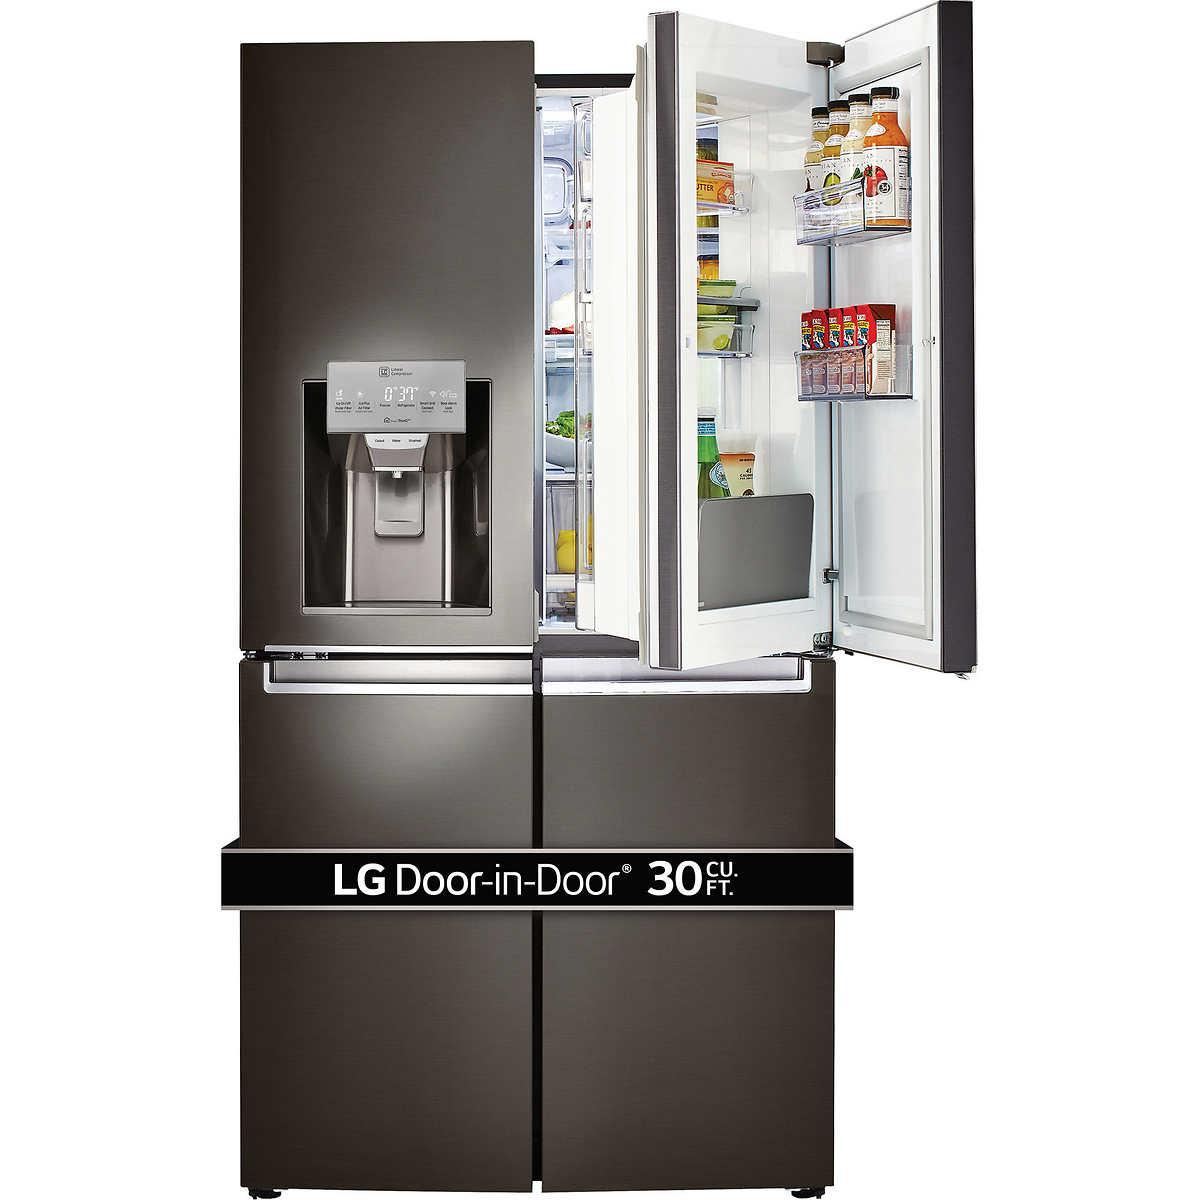 Lg 30cuft 4 door french door refrigerator with double door in door 1 1 rubansaba